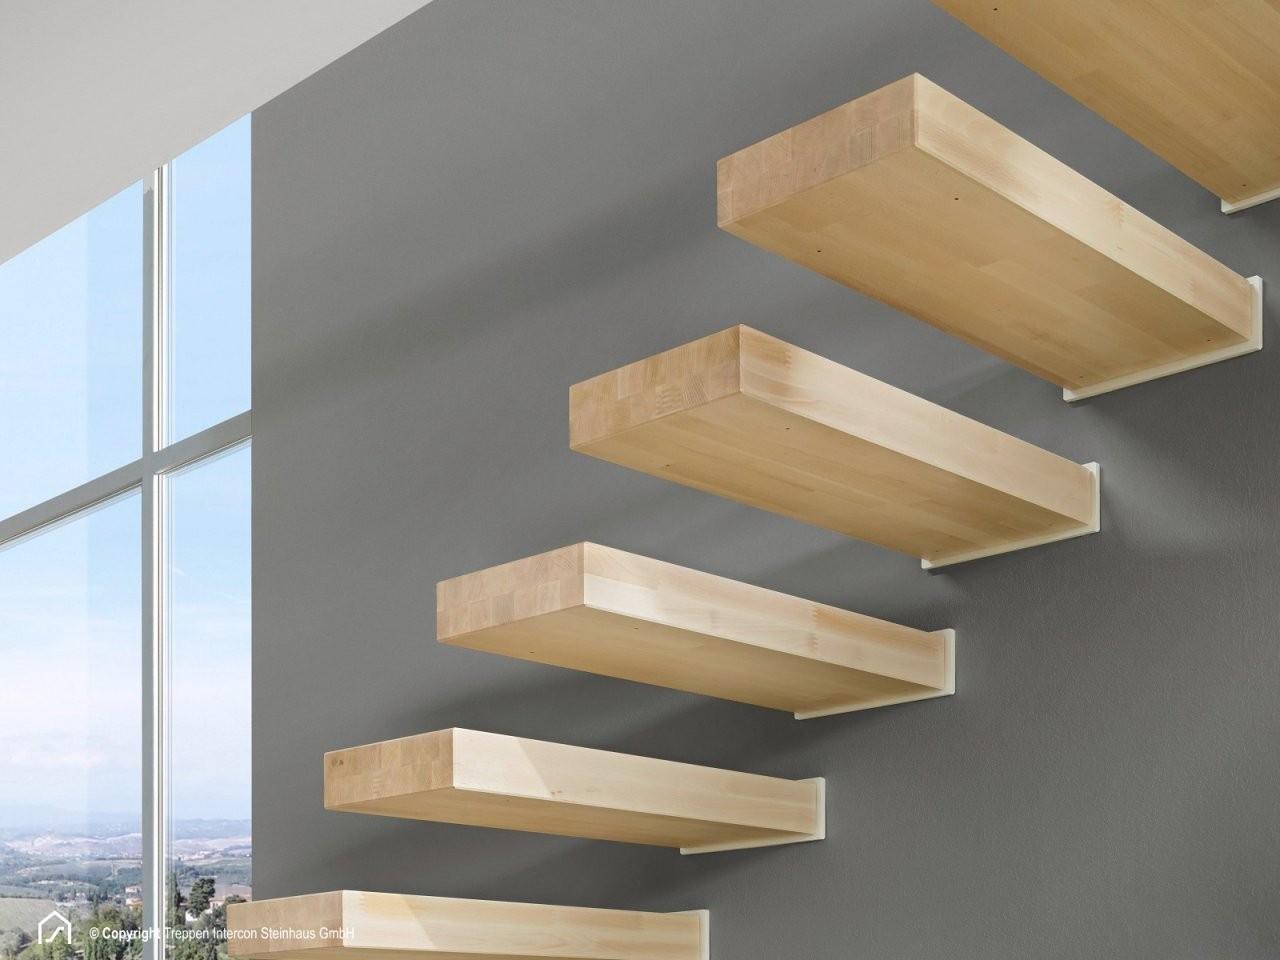 Kragarmtreppe Sydney Ab Lager Kaufen  Treppen Intercon von Treppe An Der Wand Bild